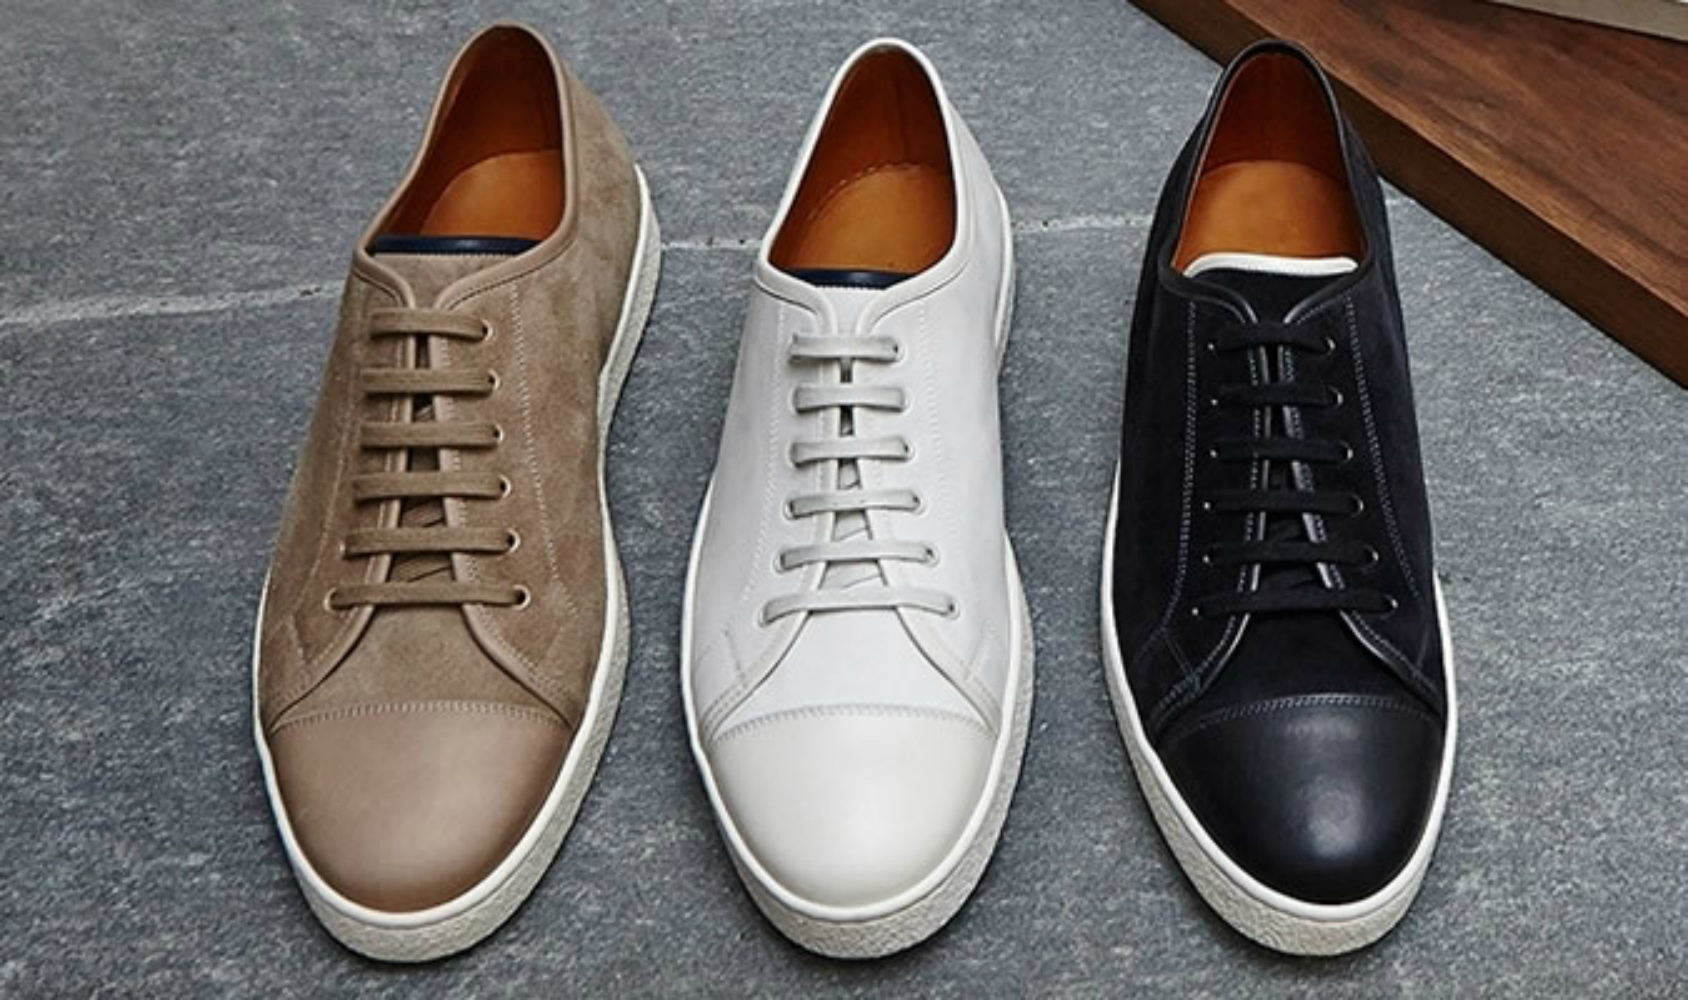 Удобная обувь из кожи